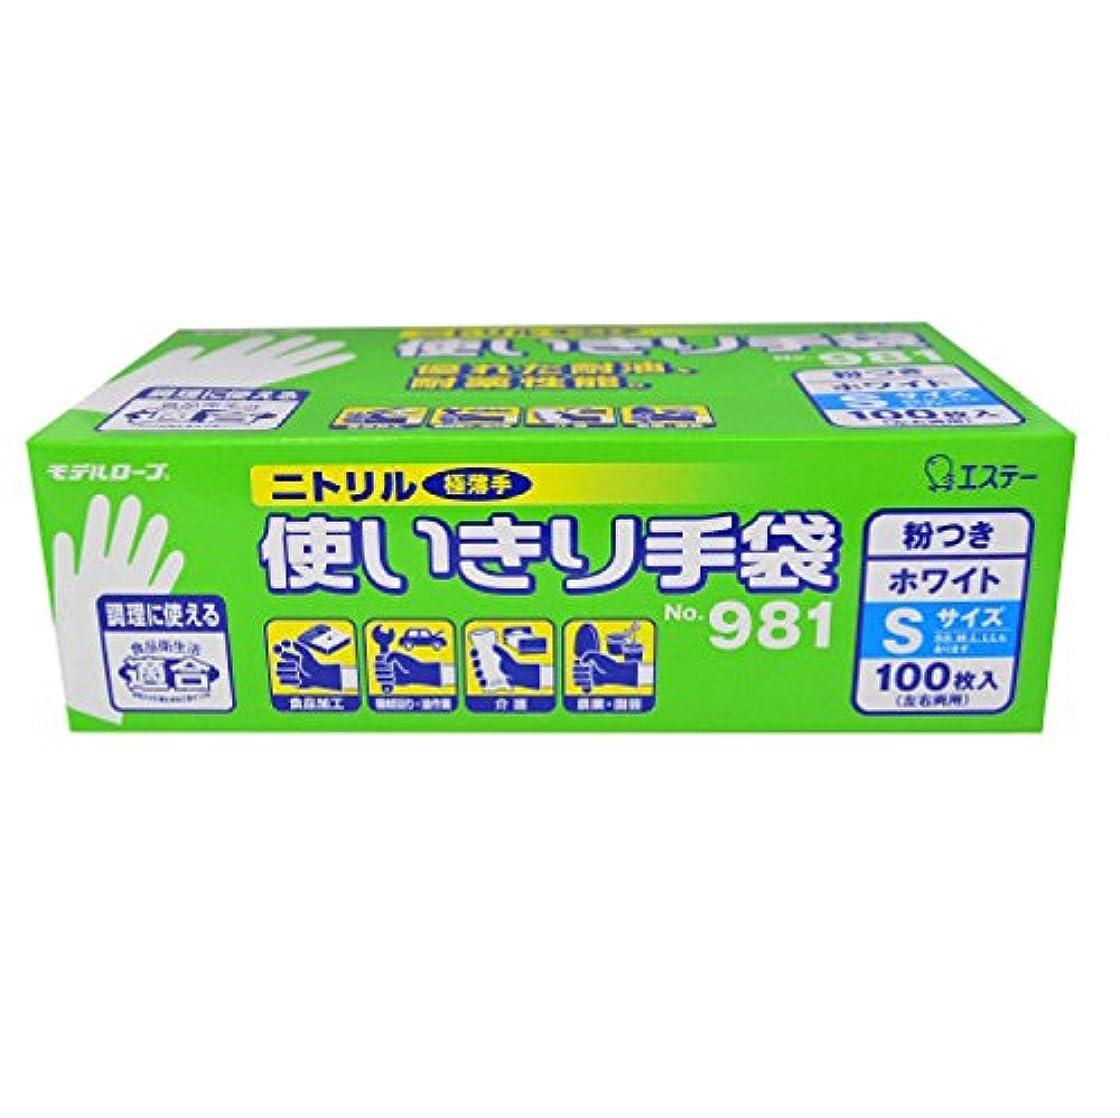 直面するバケツ余韻エステー 二トリル手袋 粉付(100枚入)S ブルー No.981